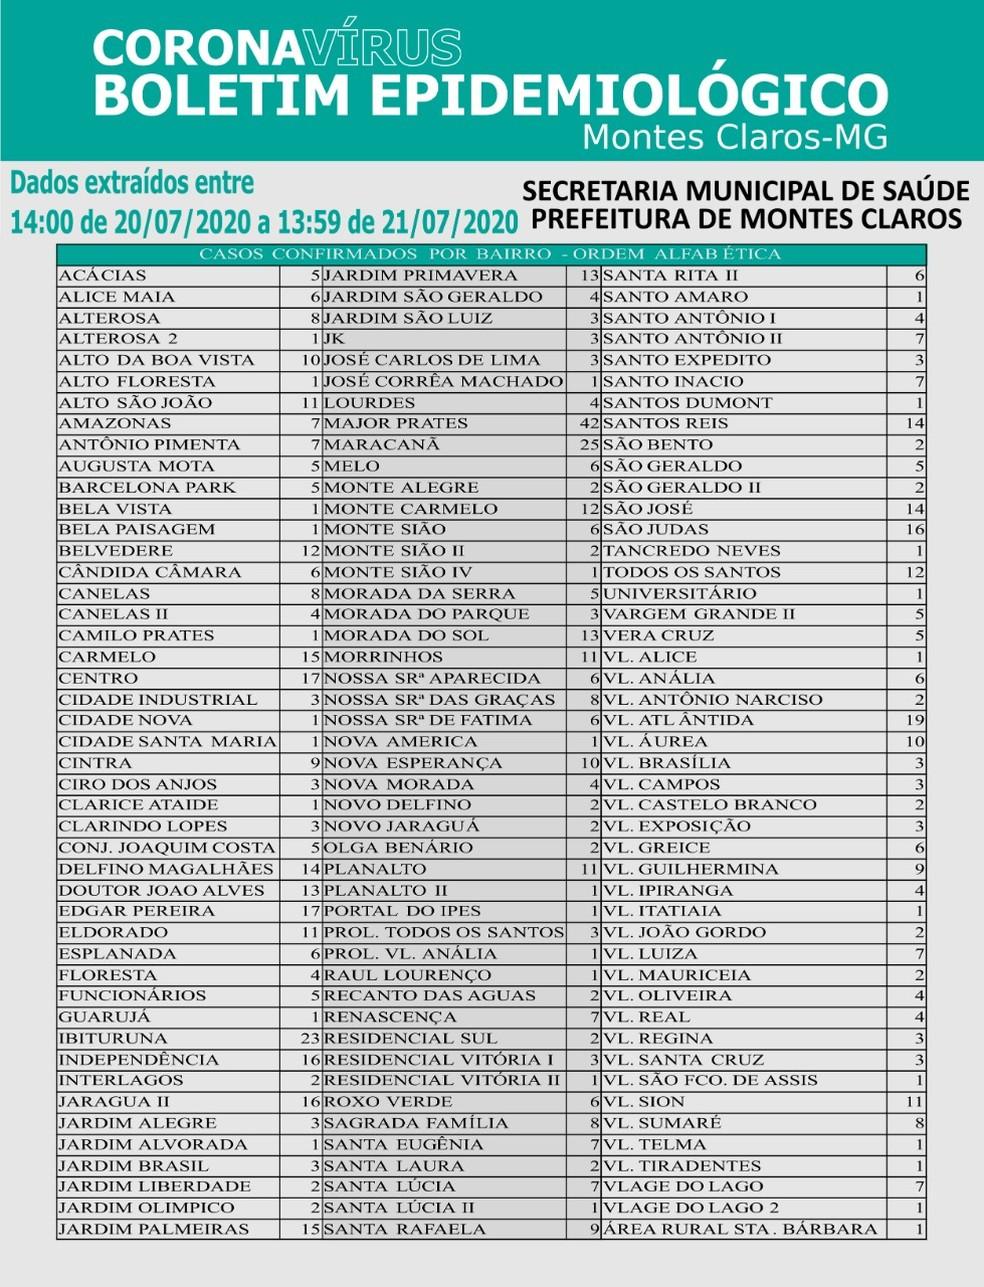 Distribuição do casos da Covid-19 nesta terça (21) — Foto: Prefeitura de Montes Claros